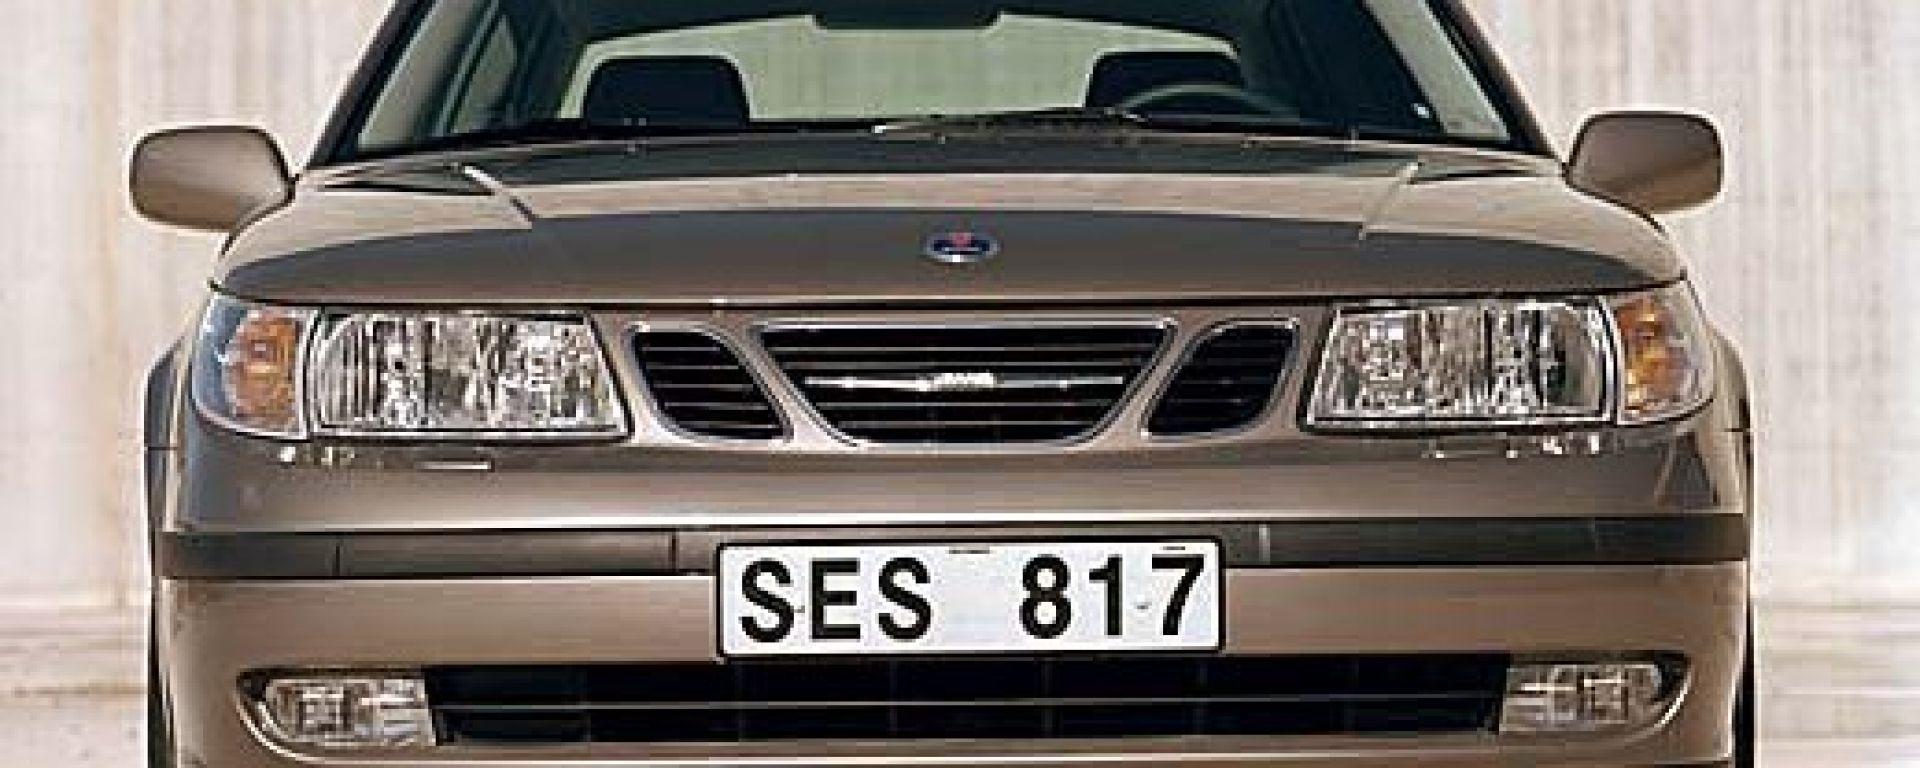 Saab 9-5 my 2002